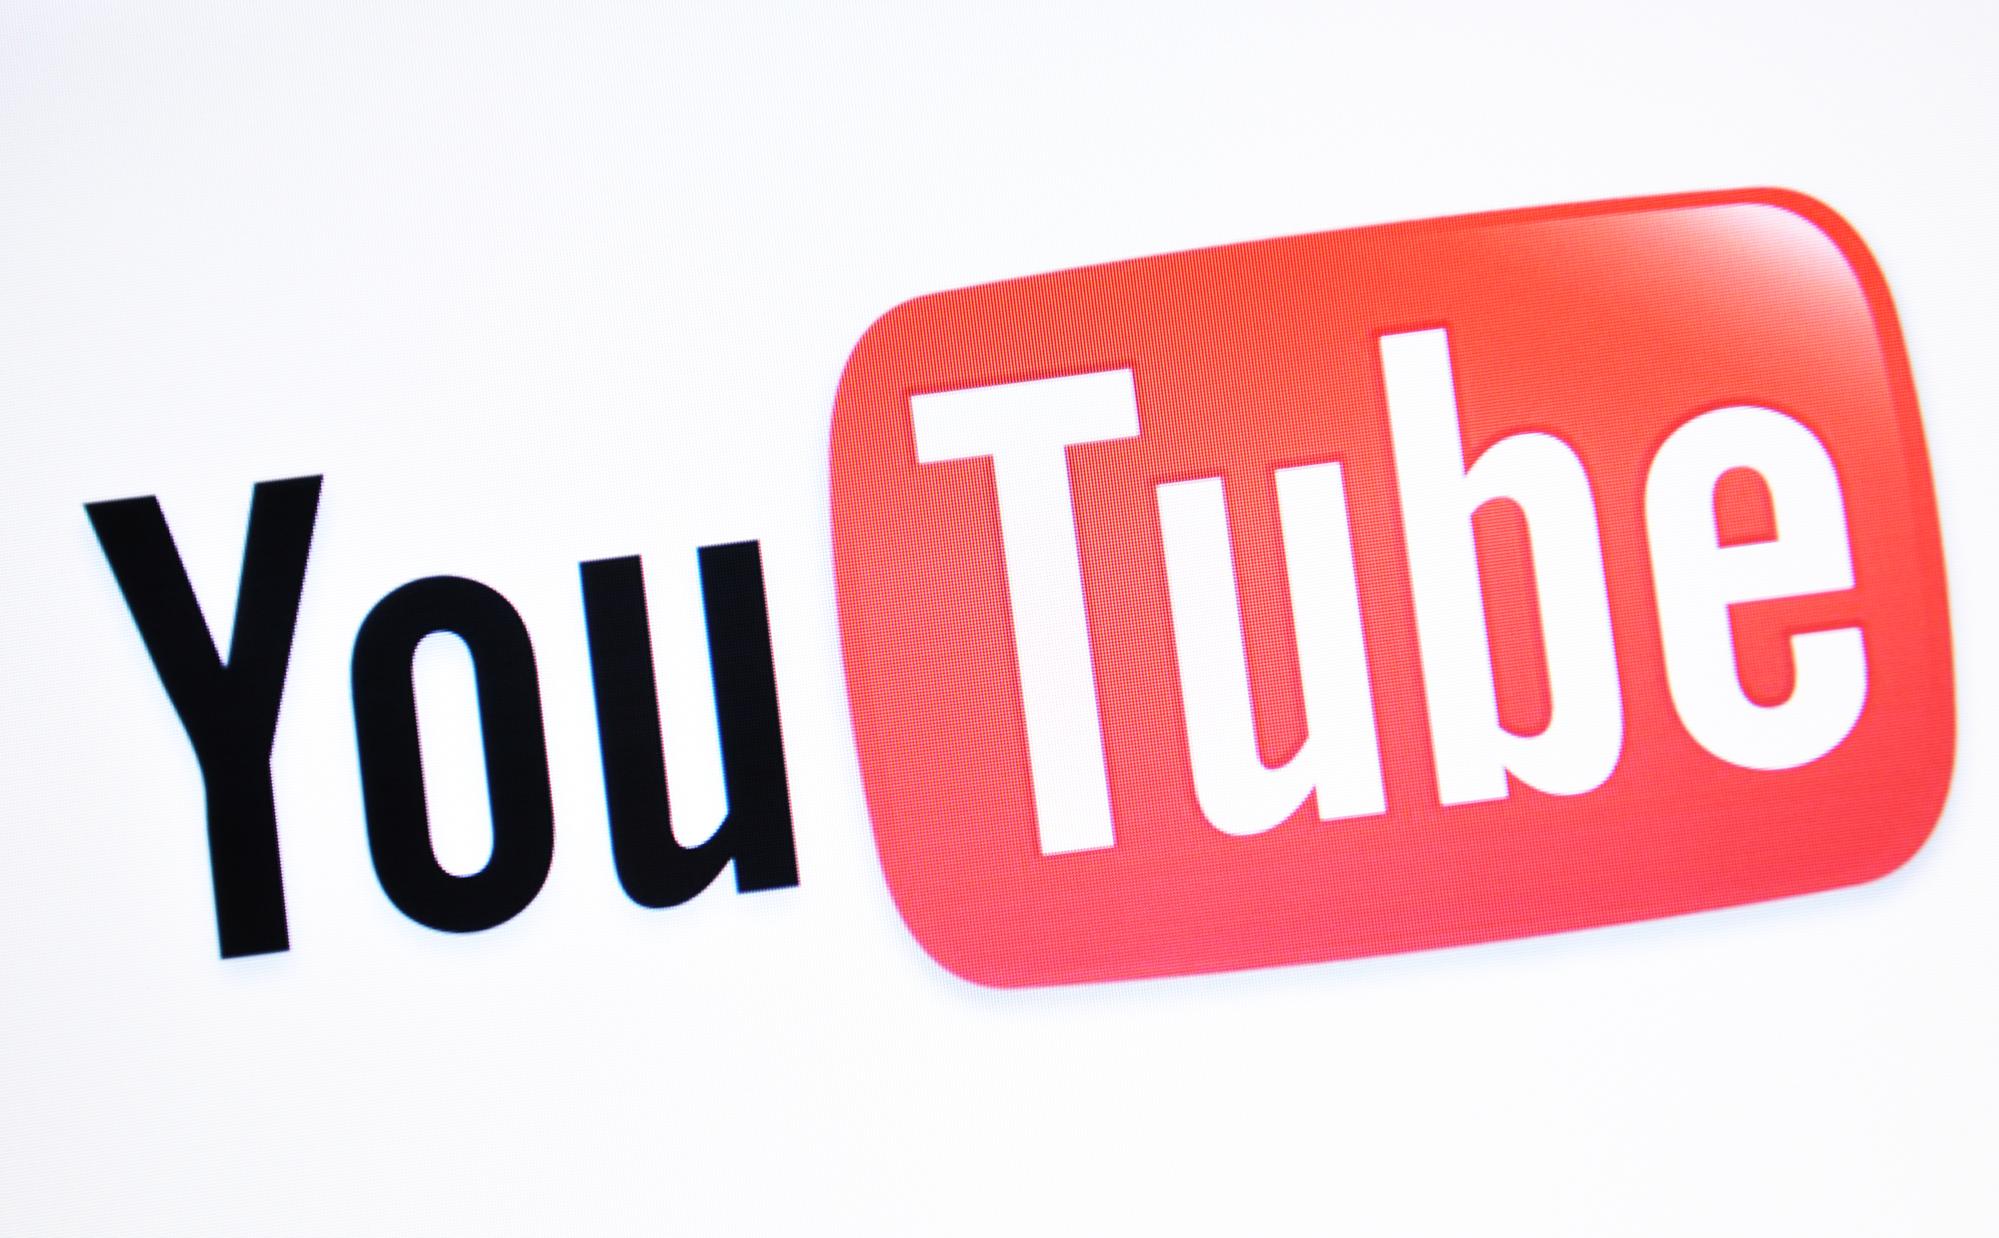 אופטימיזציה לערוץ יוטיוב וסרטוני וידאו